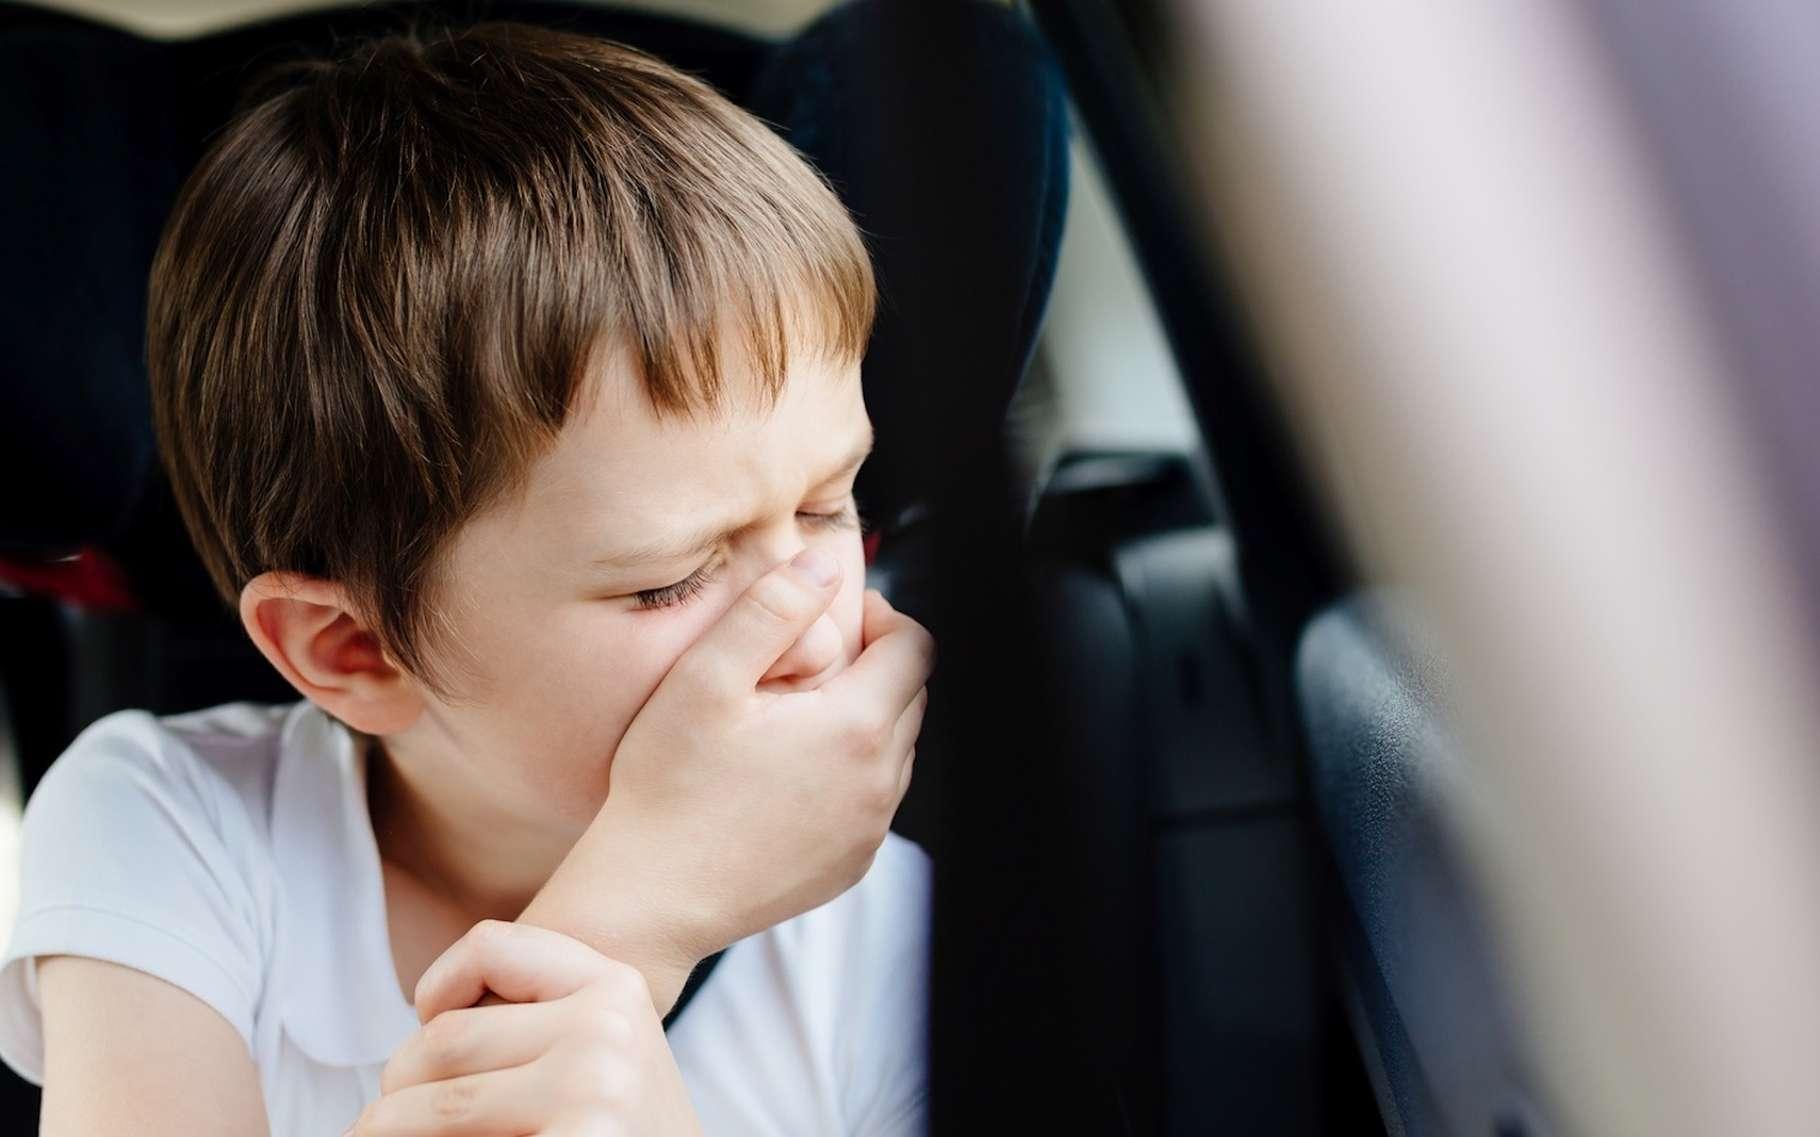 Le mal des transports touche beaucoup les enfants. © Daniel Jedzura, Fotolia